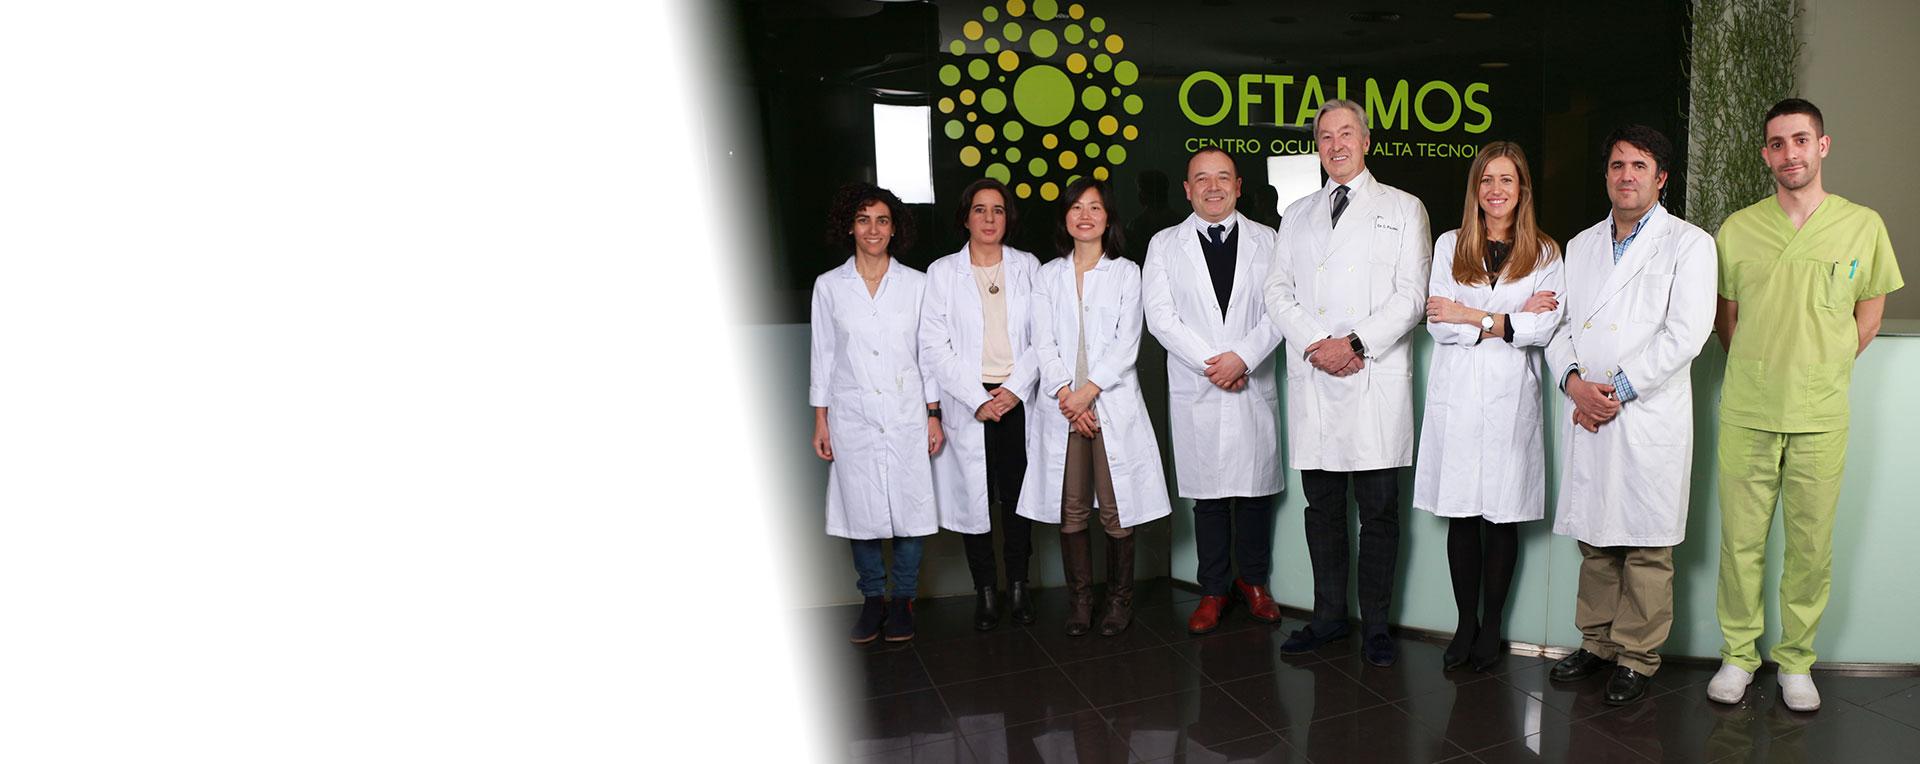 Imagen principal home equipo Oftalmos